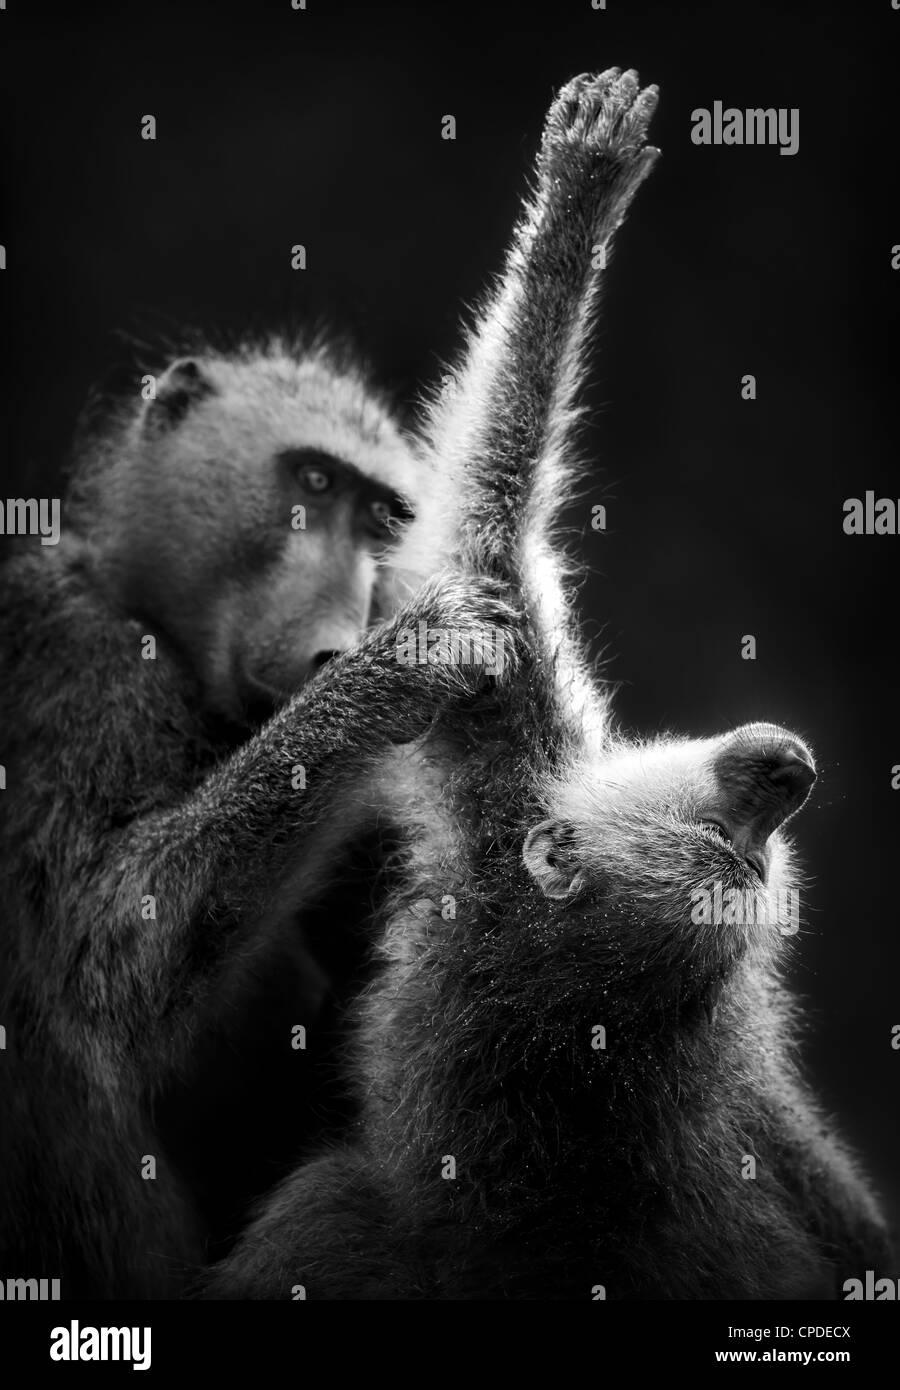 Les babouins (toilettage traitement artistique) Photo Stock